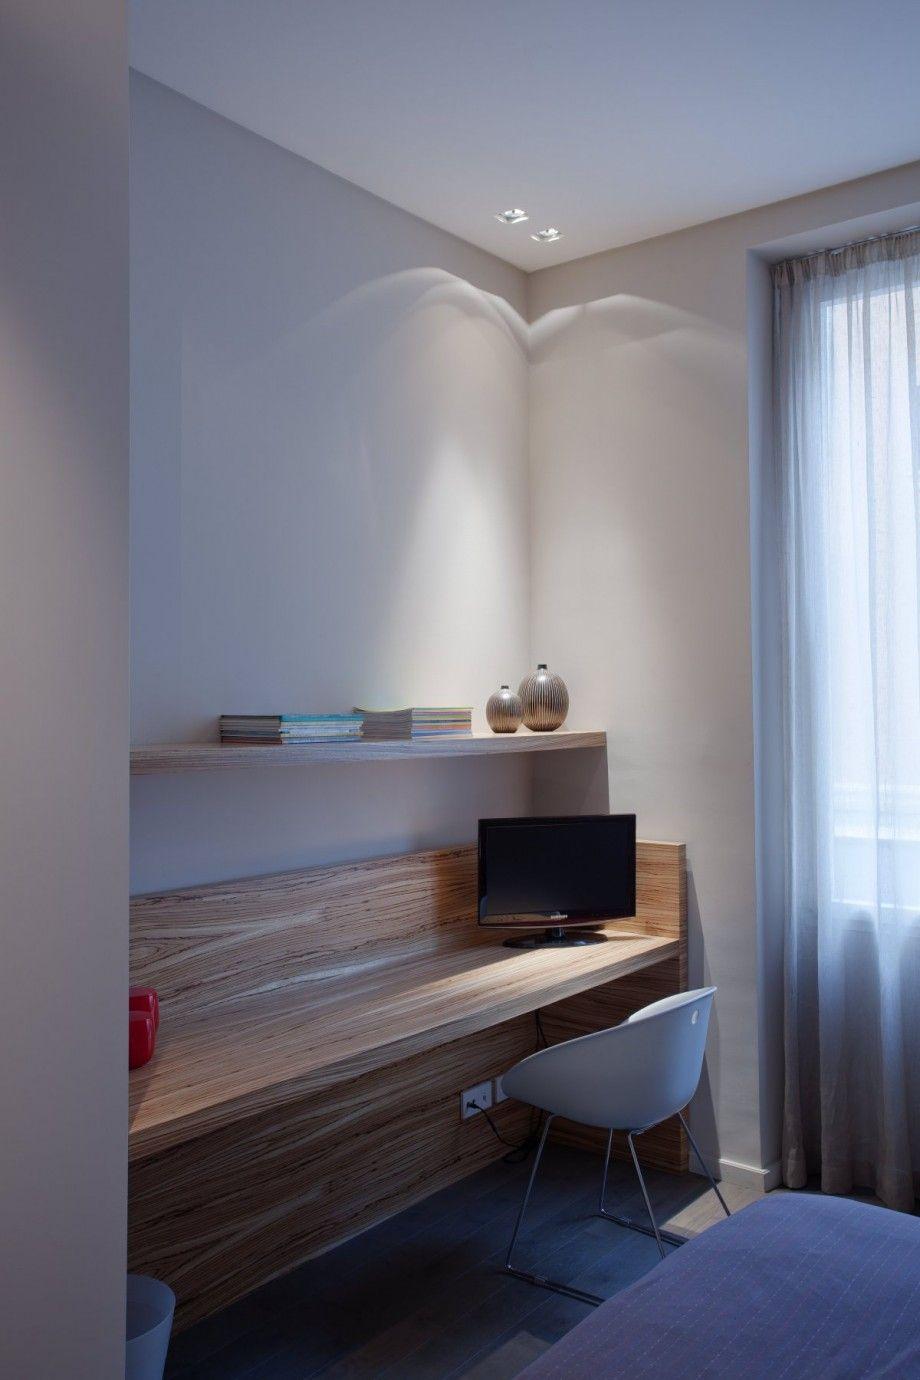 Apartment Interior Design Study Room Built In Desk Idea